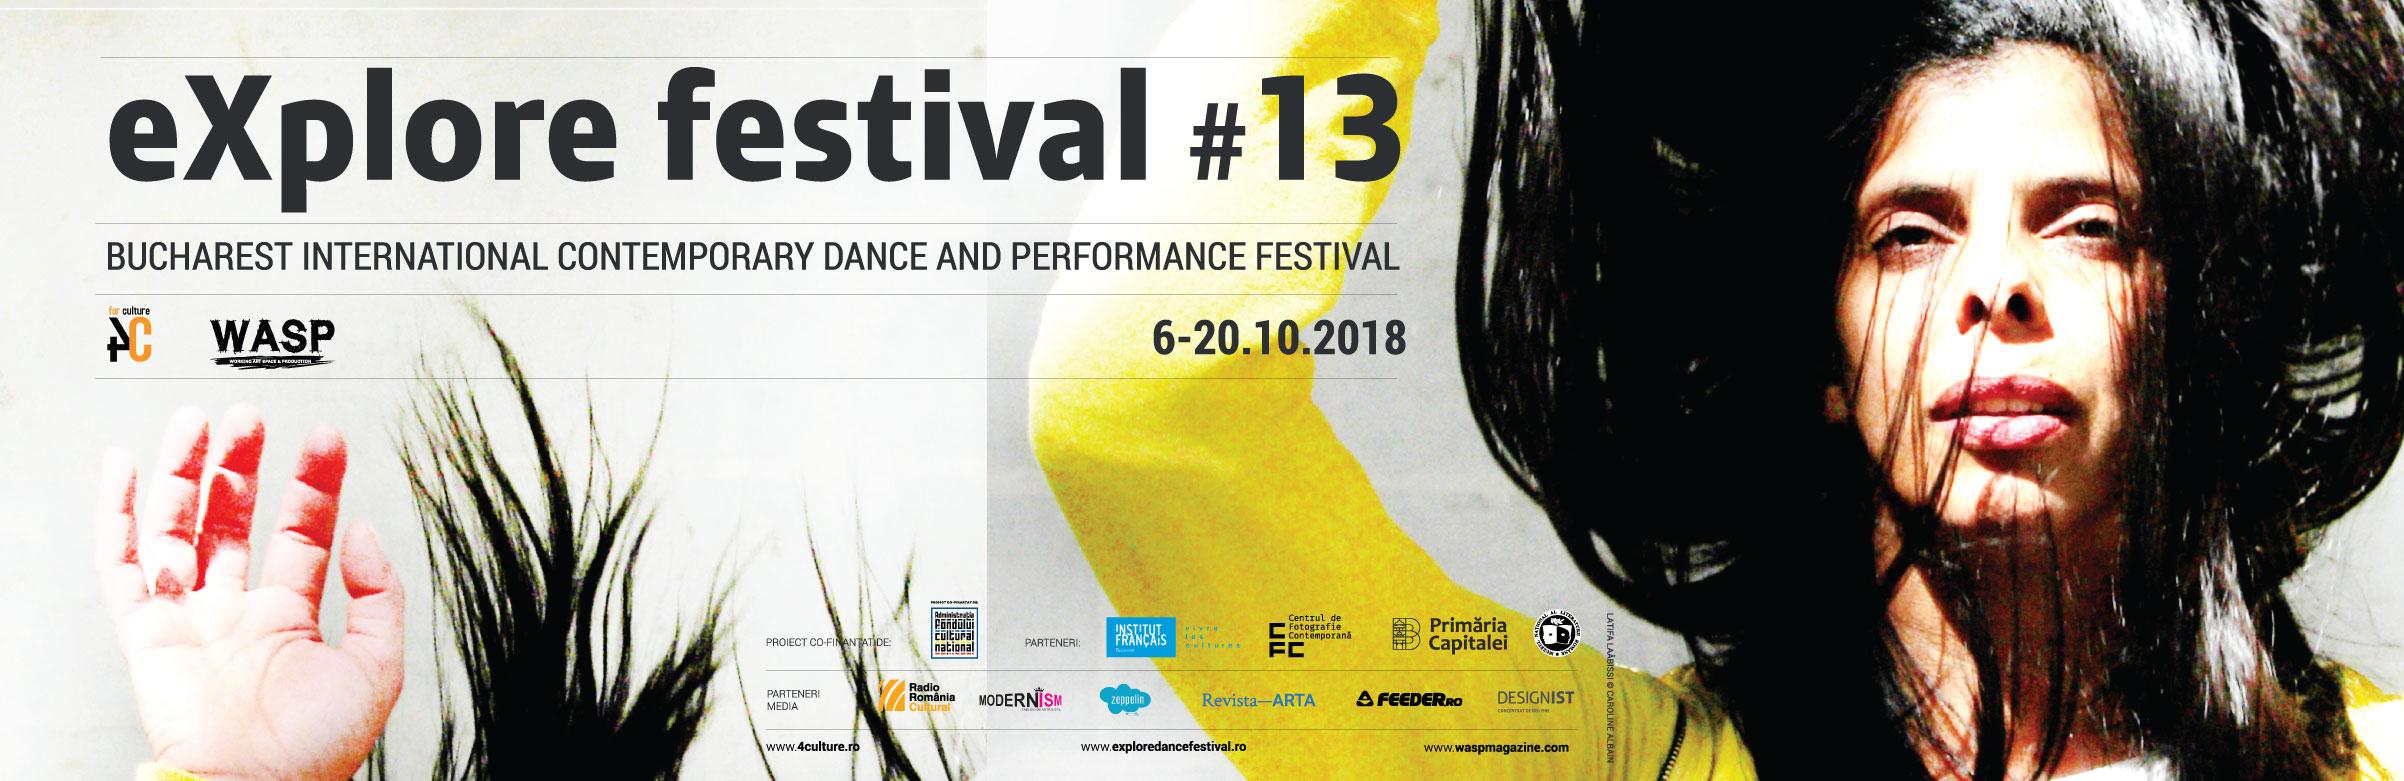 explore festival 13